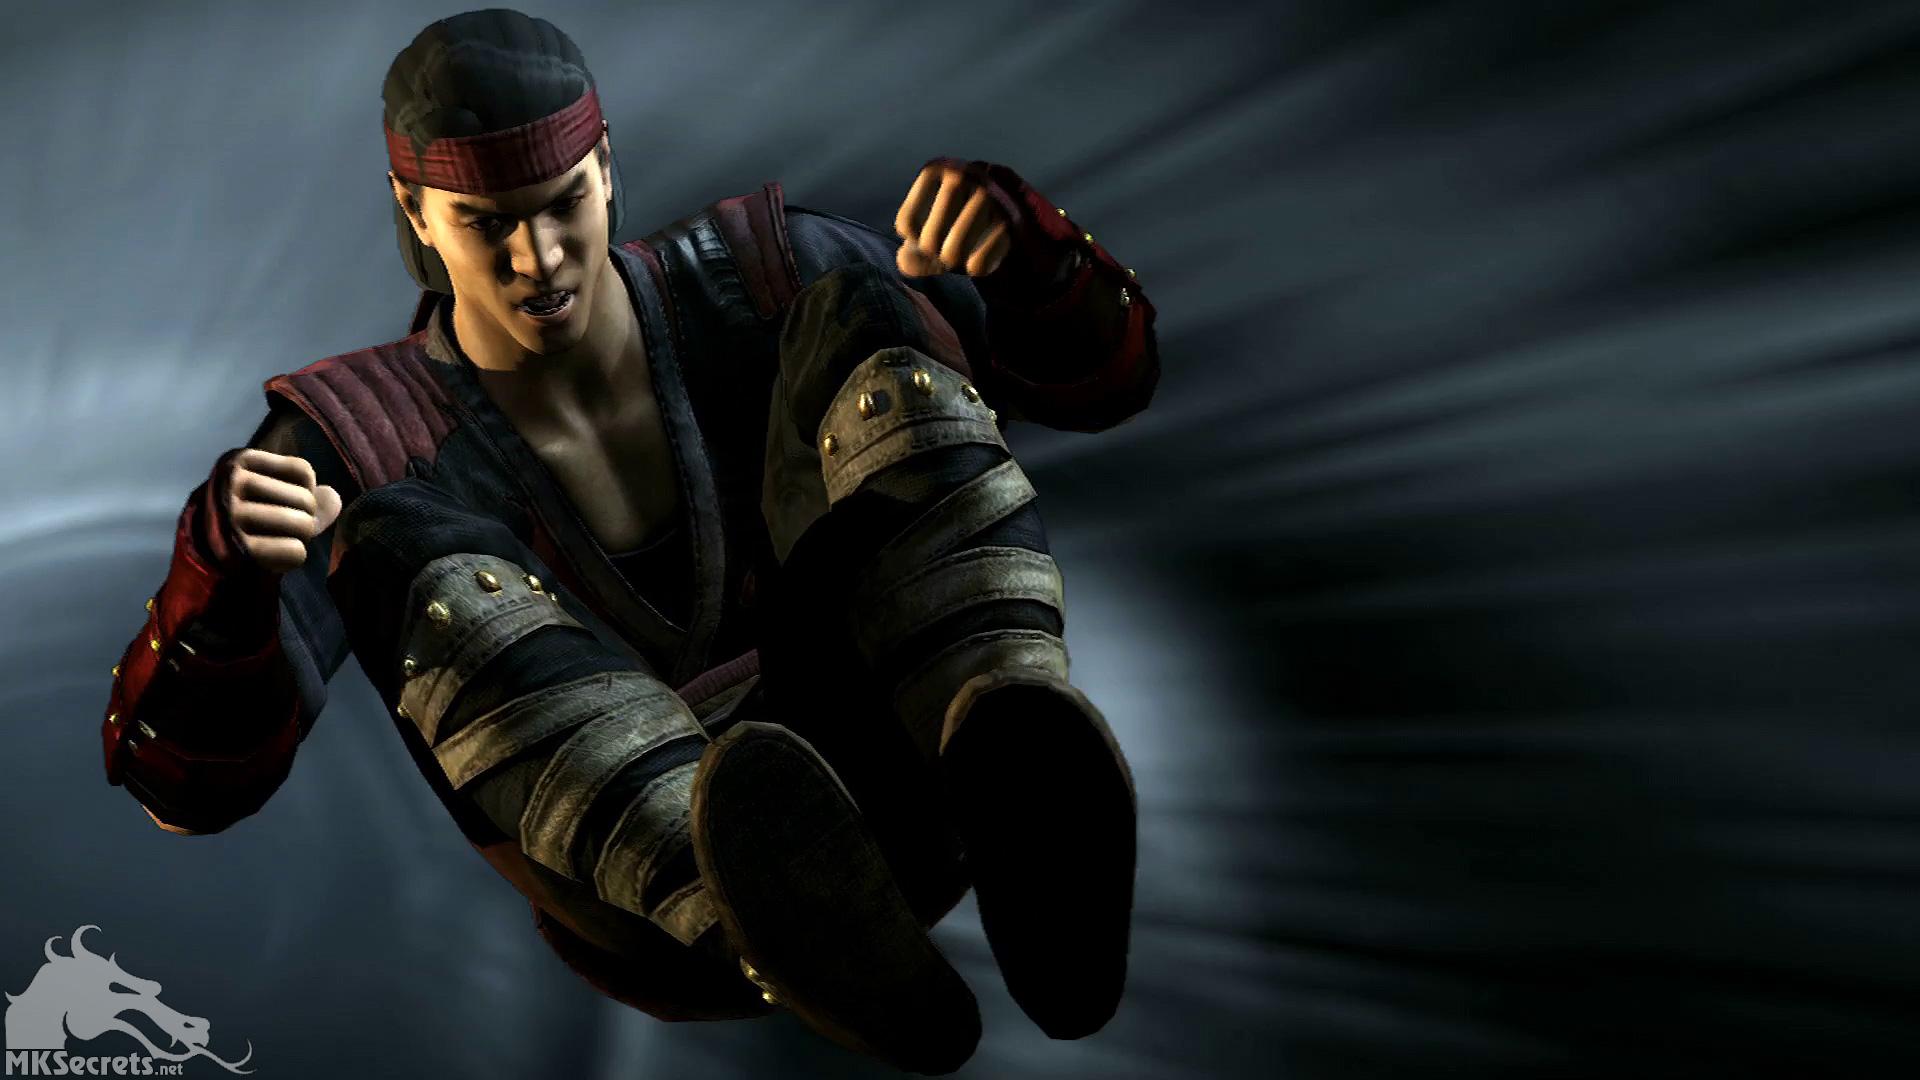 Mortal Kombat X Liu Kang Special 1